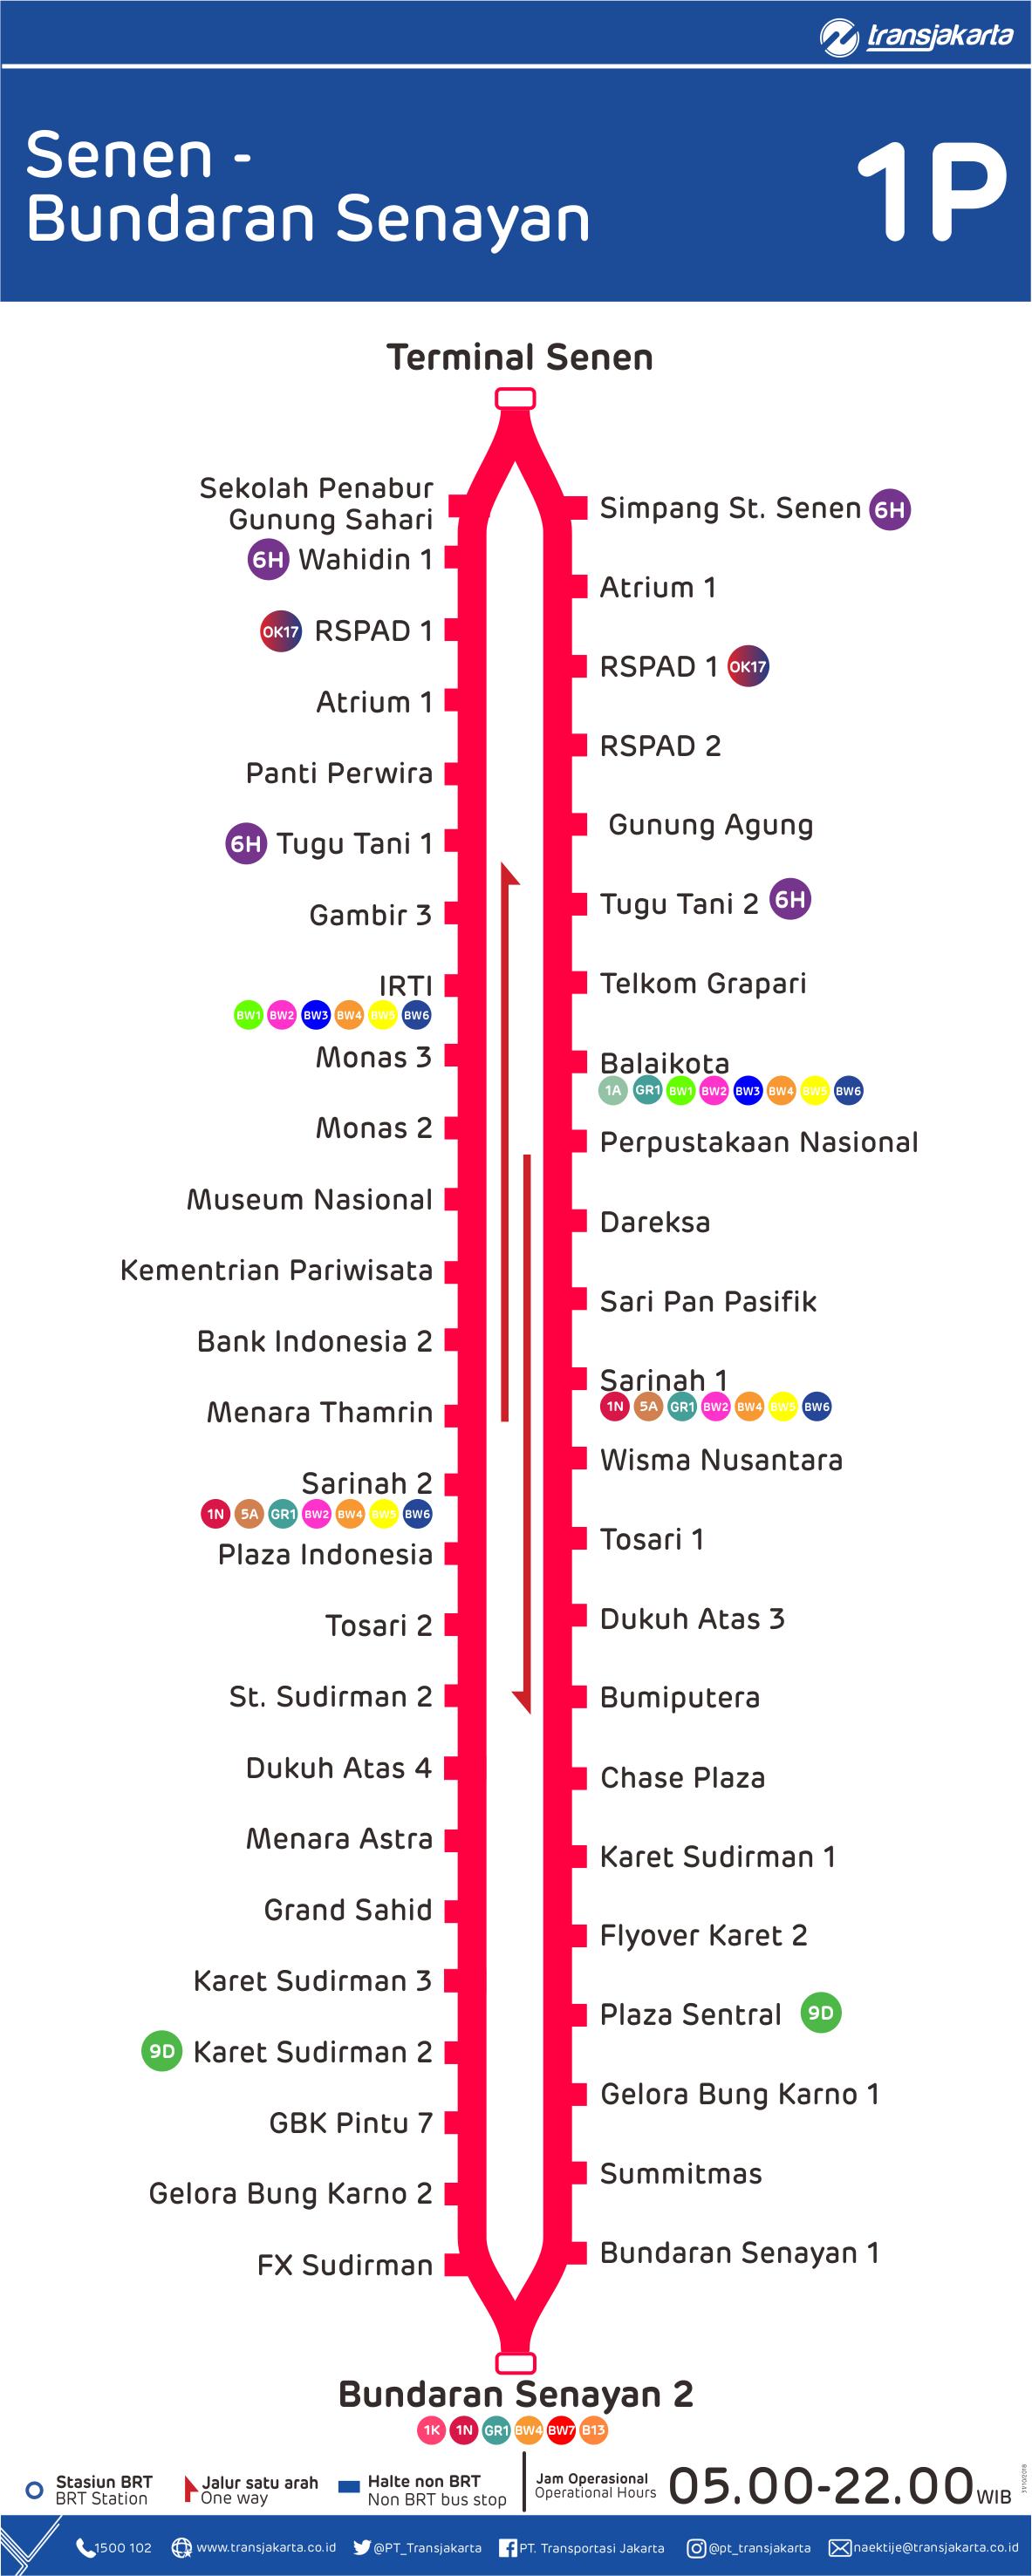 1P-Senen-Bundaran-Senayan TransJakarta Busway 09-2019